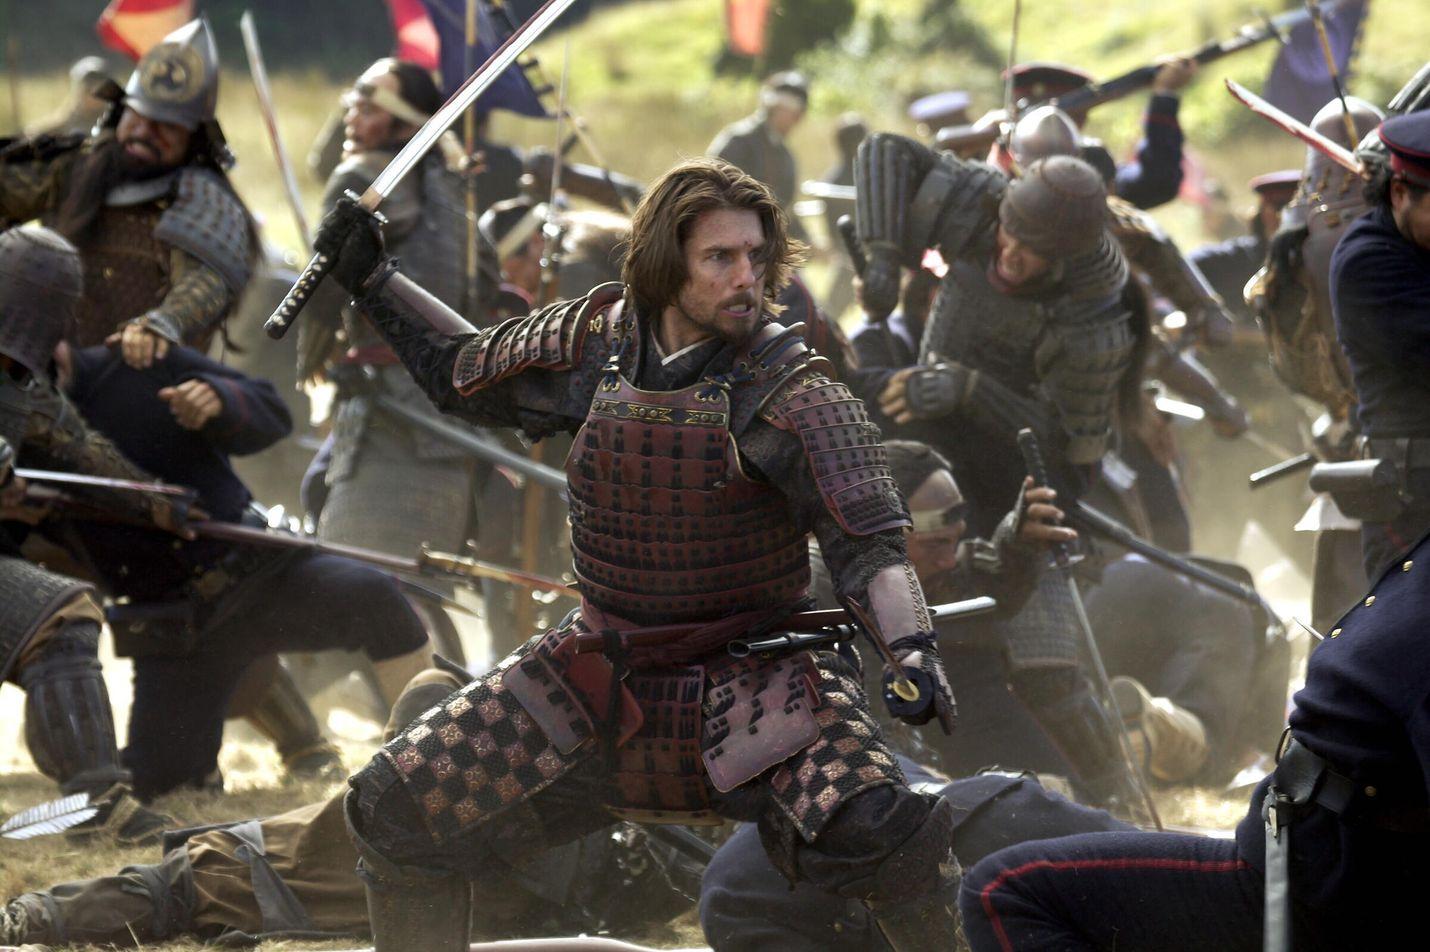 Tom Cruise on amerikkalainen upseeri, joka saapuu 1870-luvulla Japaniin modernisoimaan sikäläistä armeijaa.